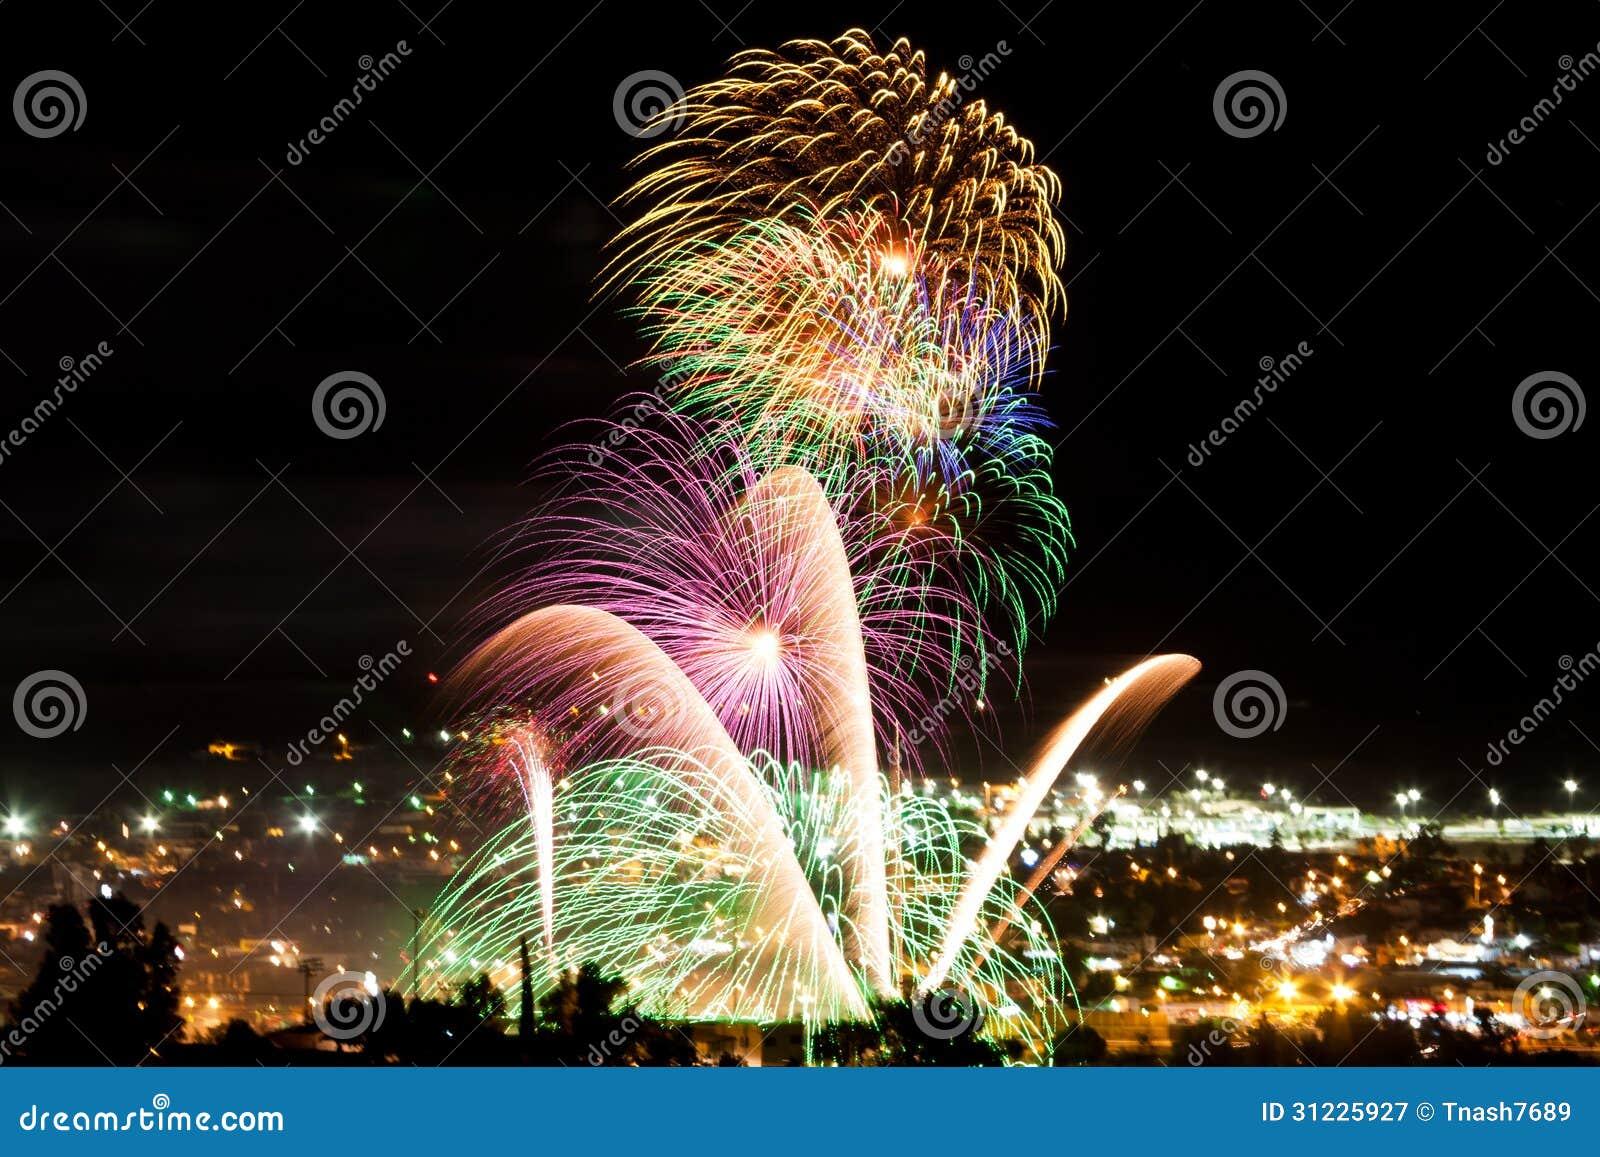 Celebración y fuegos artificiales sobre una gran ciudad